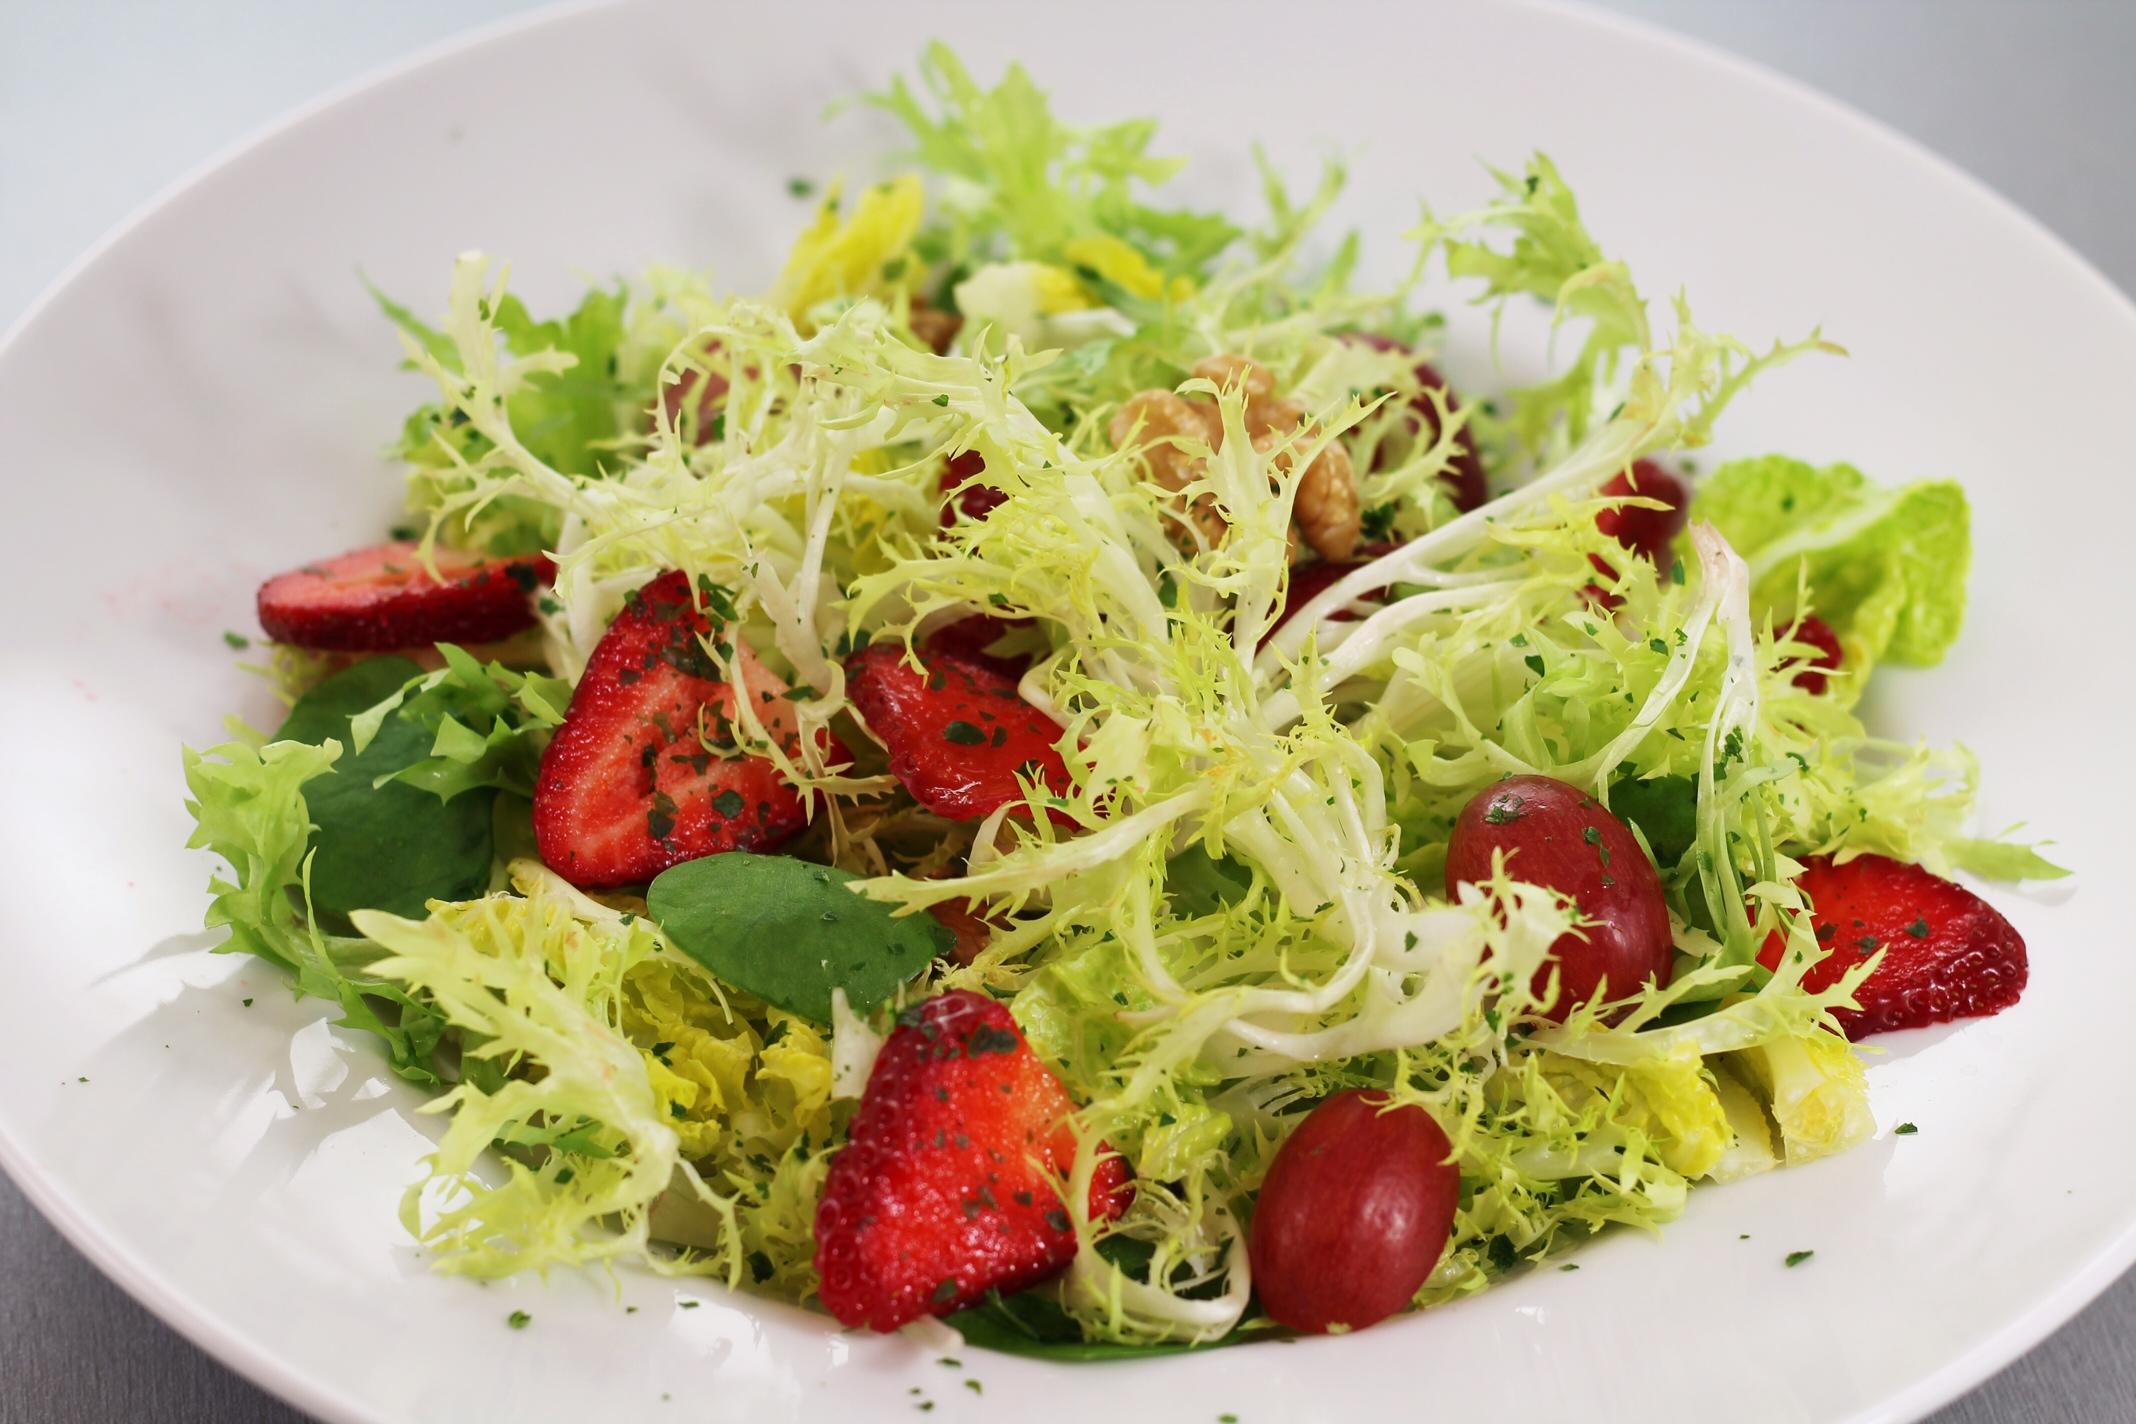 Nella foto si vede un piatto bianco con un'insalata coloratissima con fragole